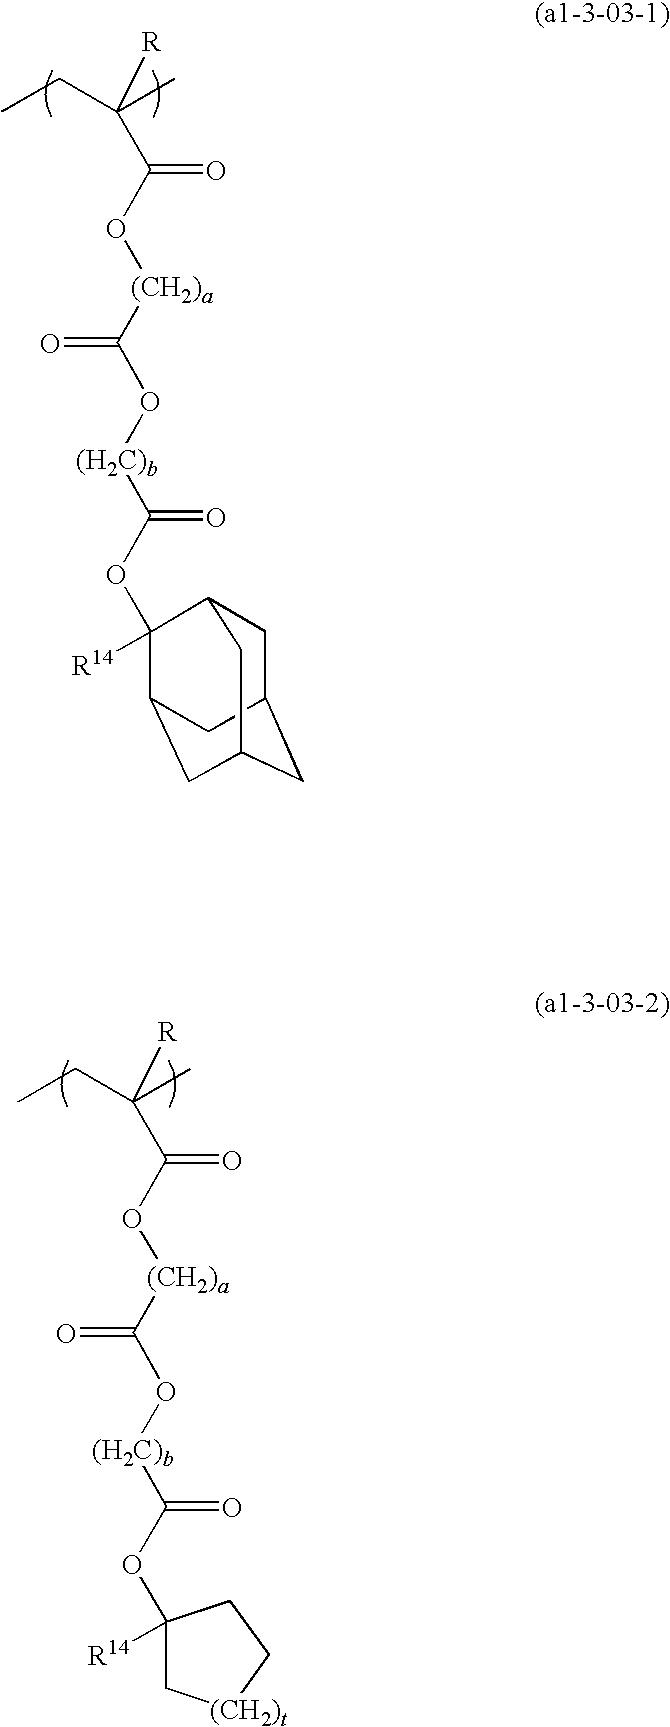 Figure US20100136480A1-20100603-C00053